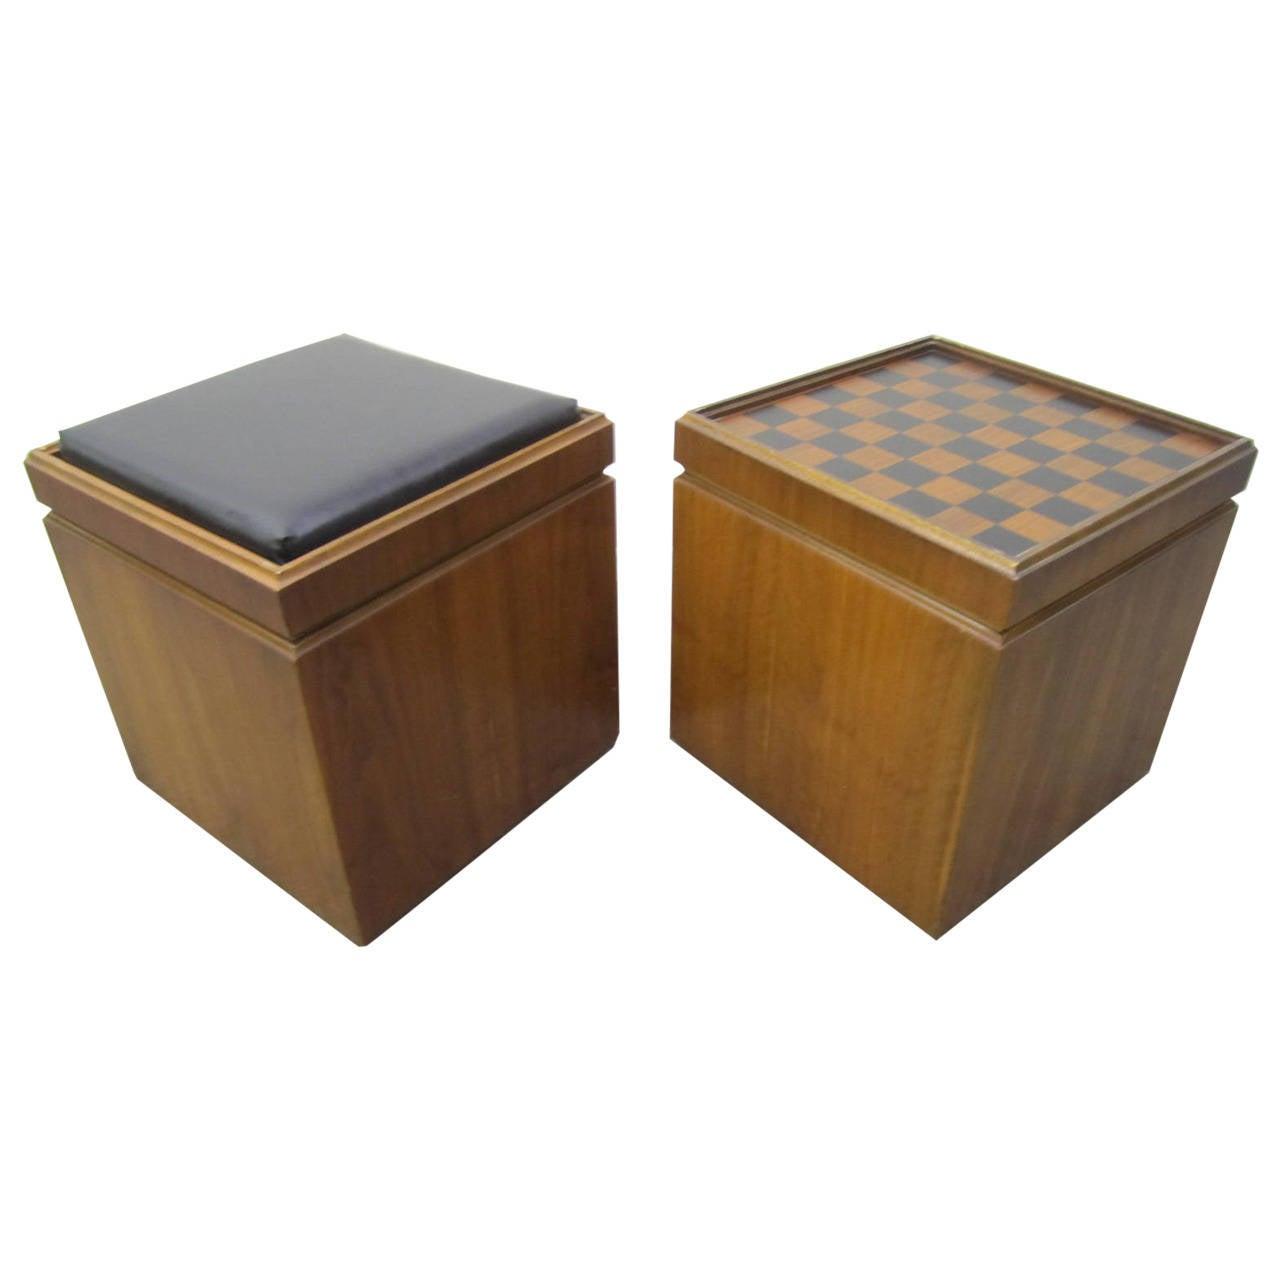 Pair of Lane Walnut Game Cube Storage Stools Mid-Century Modern 1  sc 1 st  1stDibs & Pair of Lane Walnut Game Cube Storage Stools Mid-Century Modern ... islam-shia.org